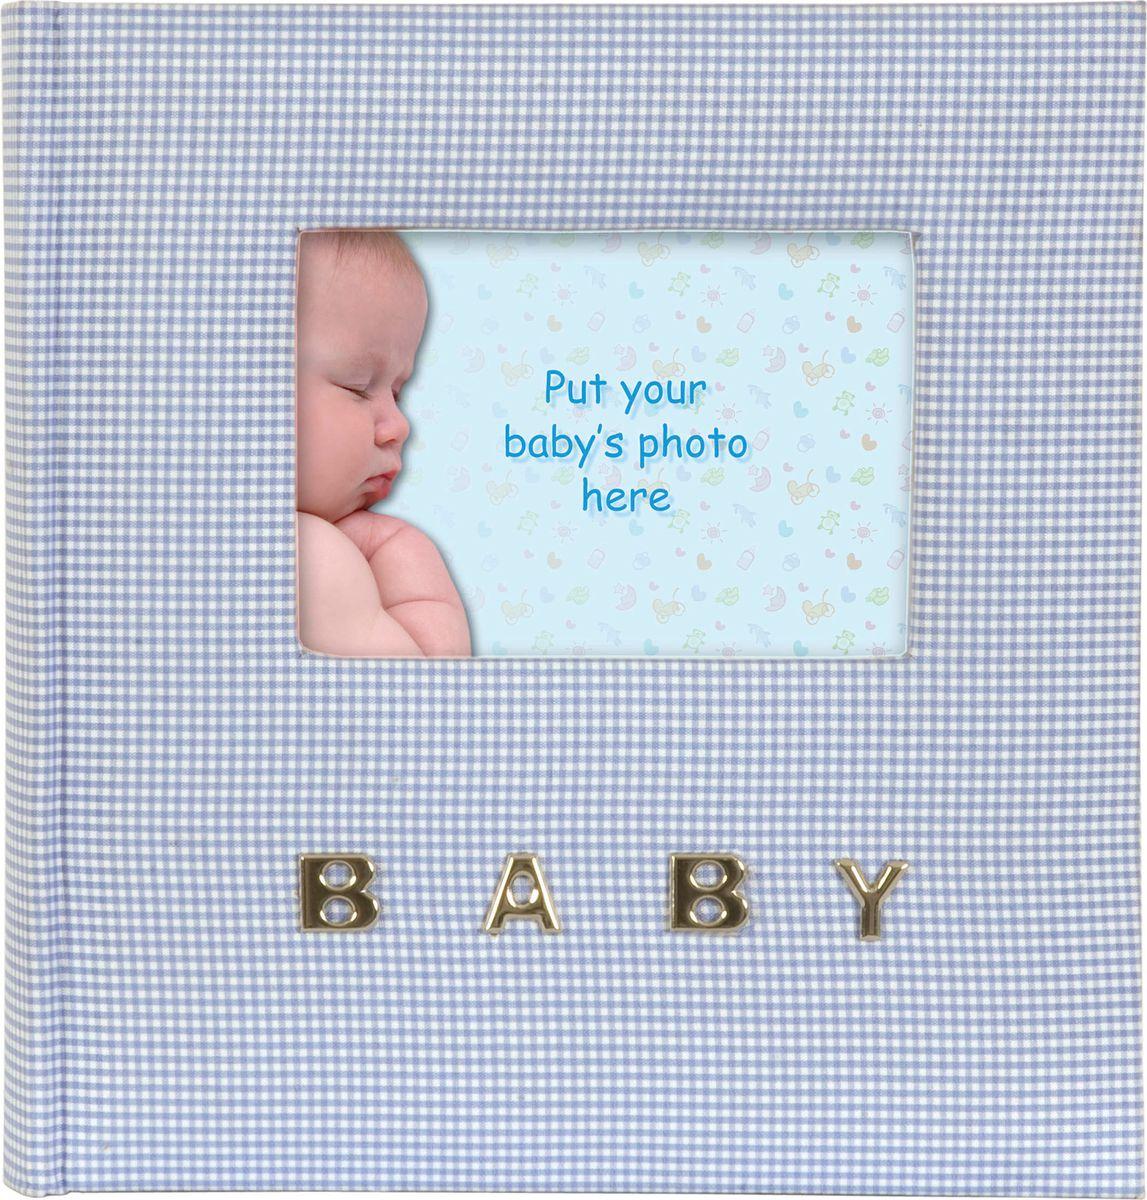 Фотоальбом Innova Baby Gingham, цвет: голубой, 100 фотографий, 10 x 15 см. Q9306338 фотоальбом platinum детский альбом 6 200 фотографий цвет голубой 10 х 15 см